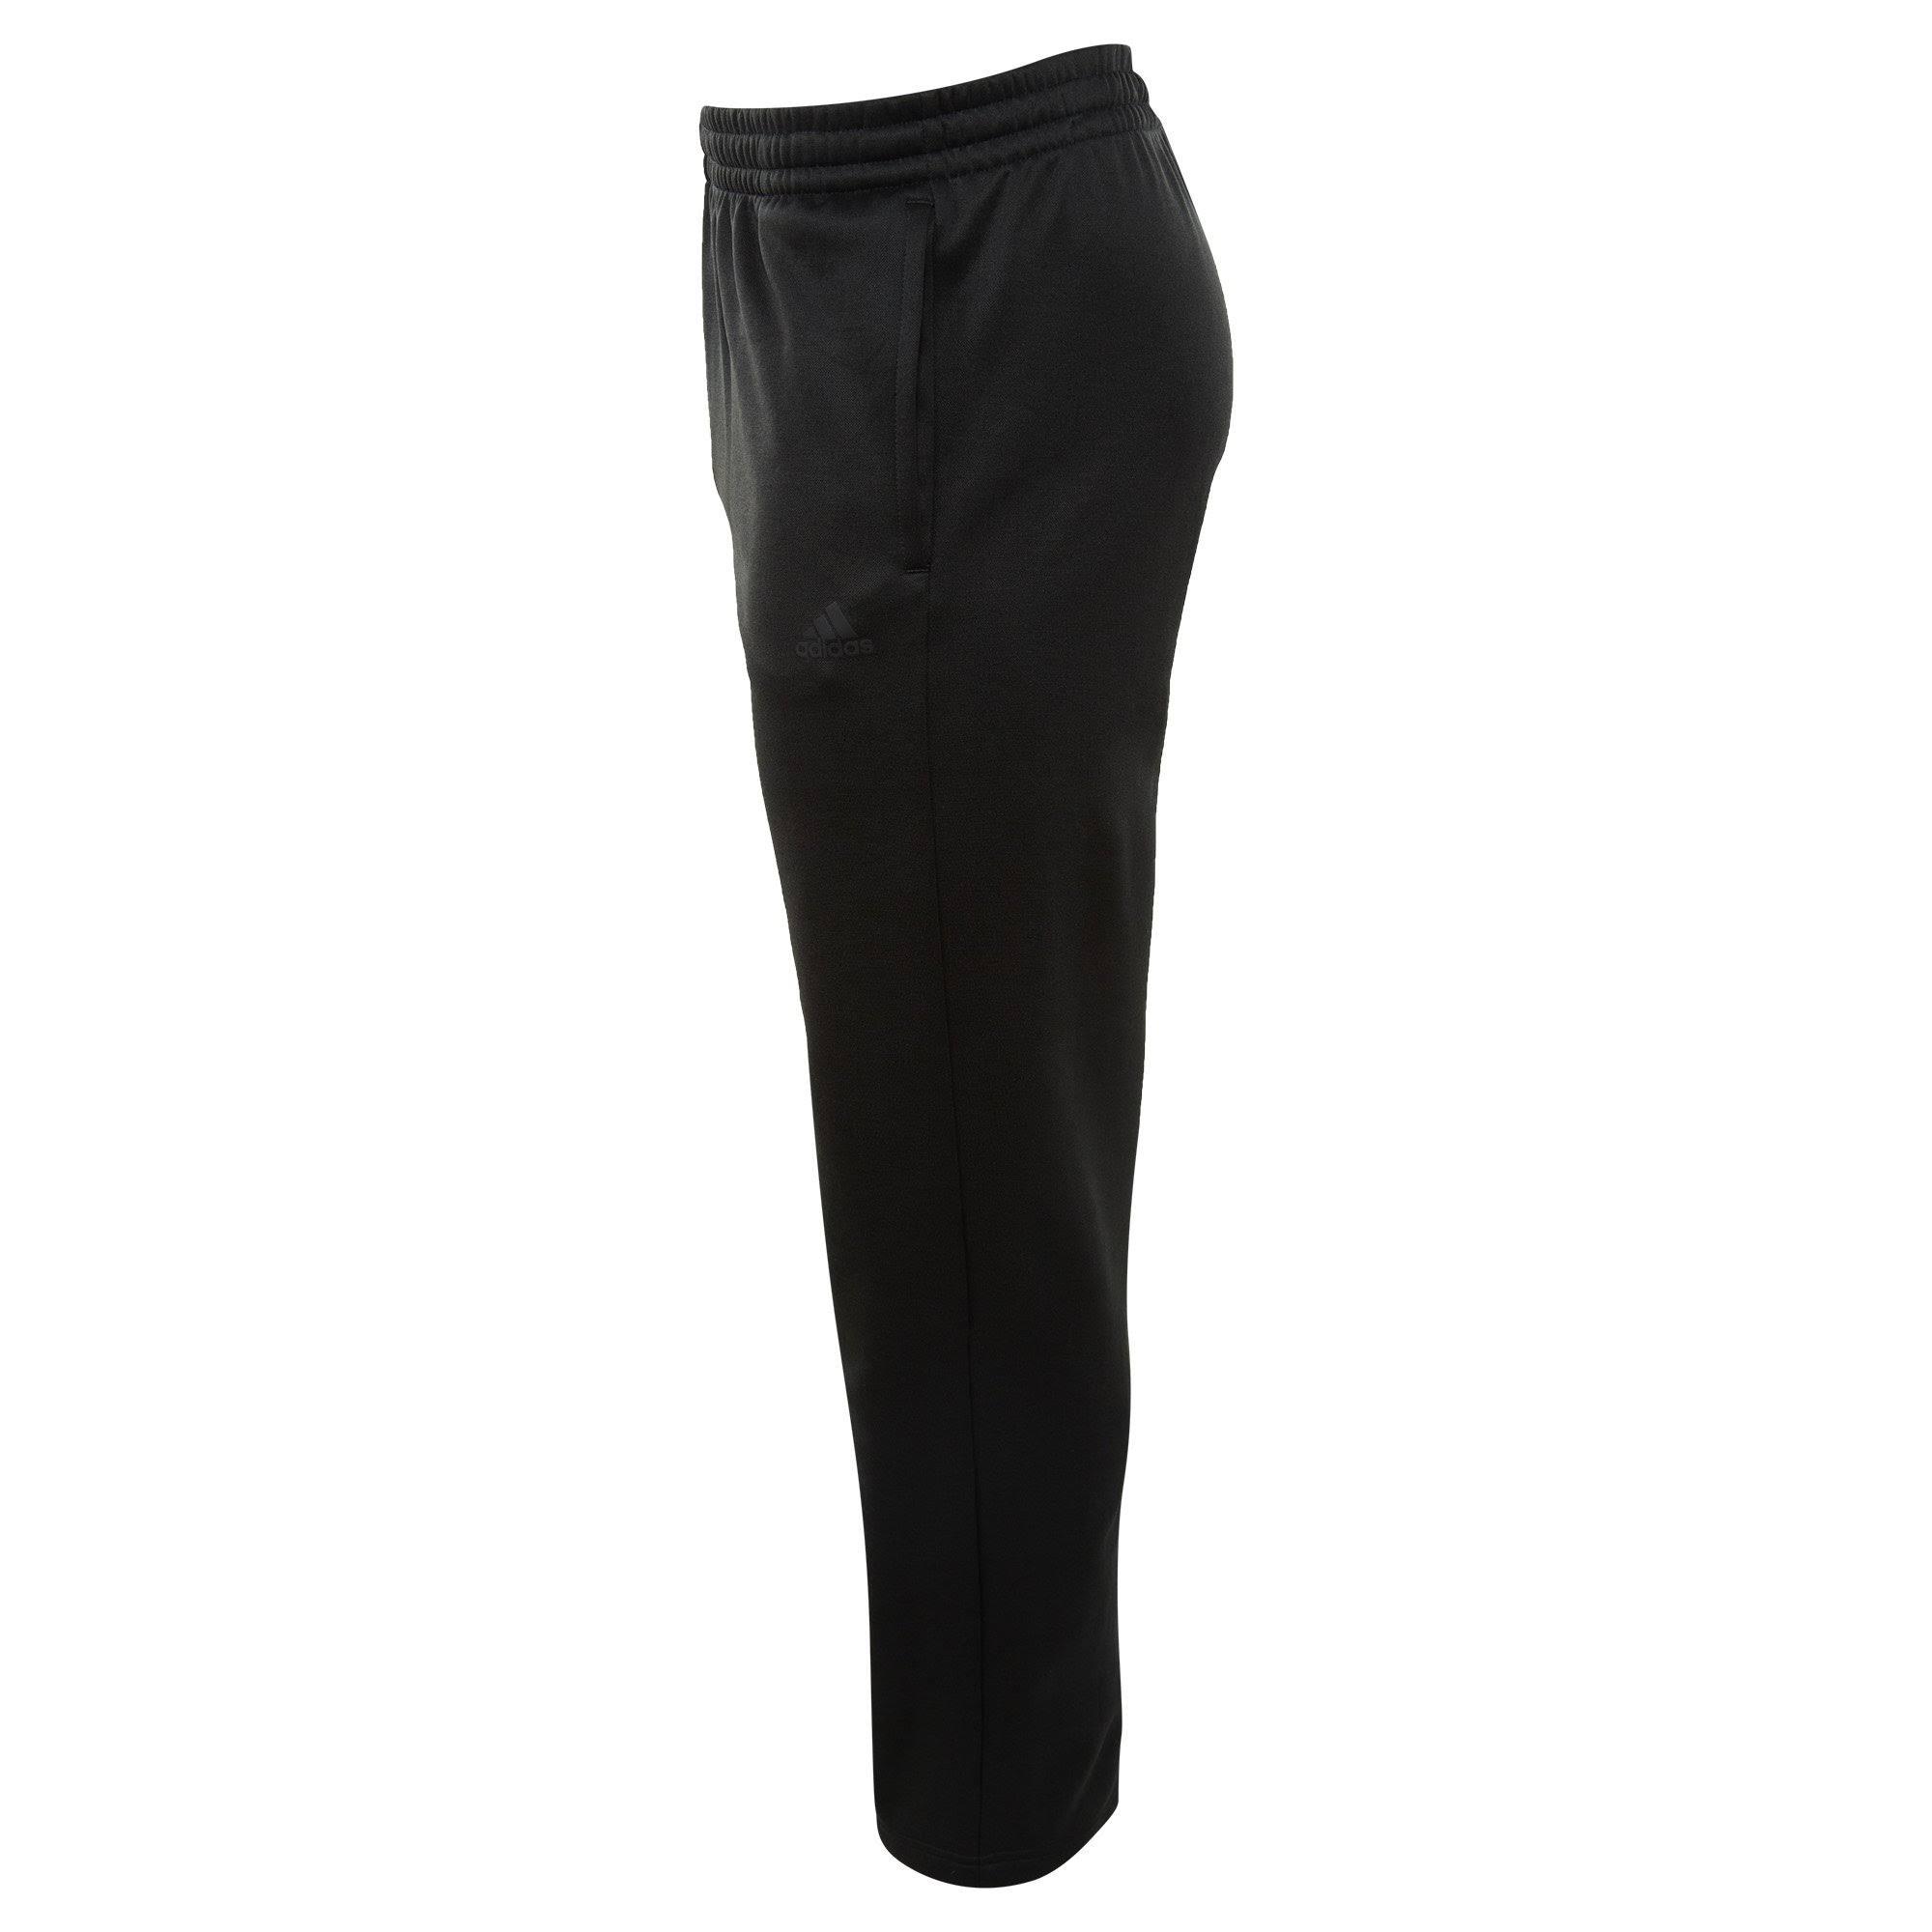 da Pantaloni in uomo AdidasNeroXl pile KJl3TF1c